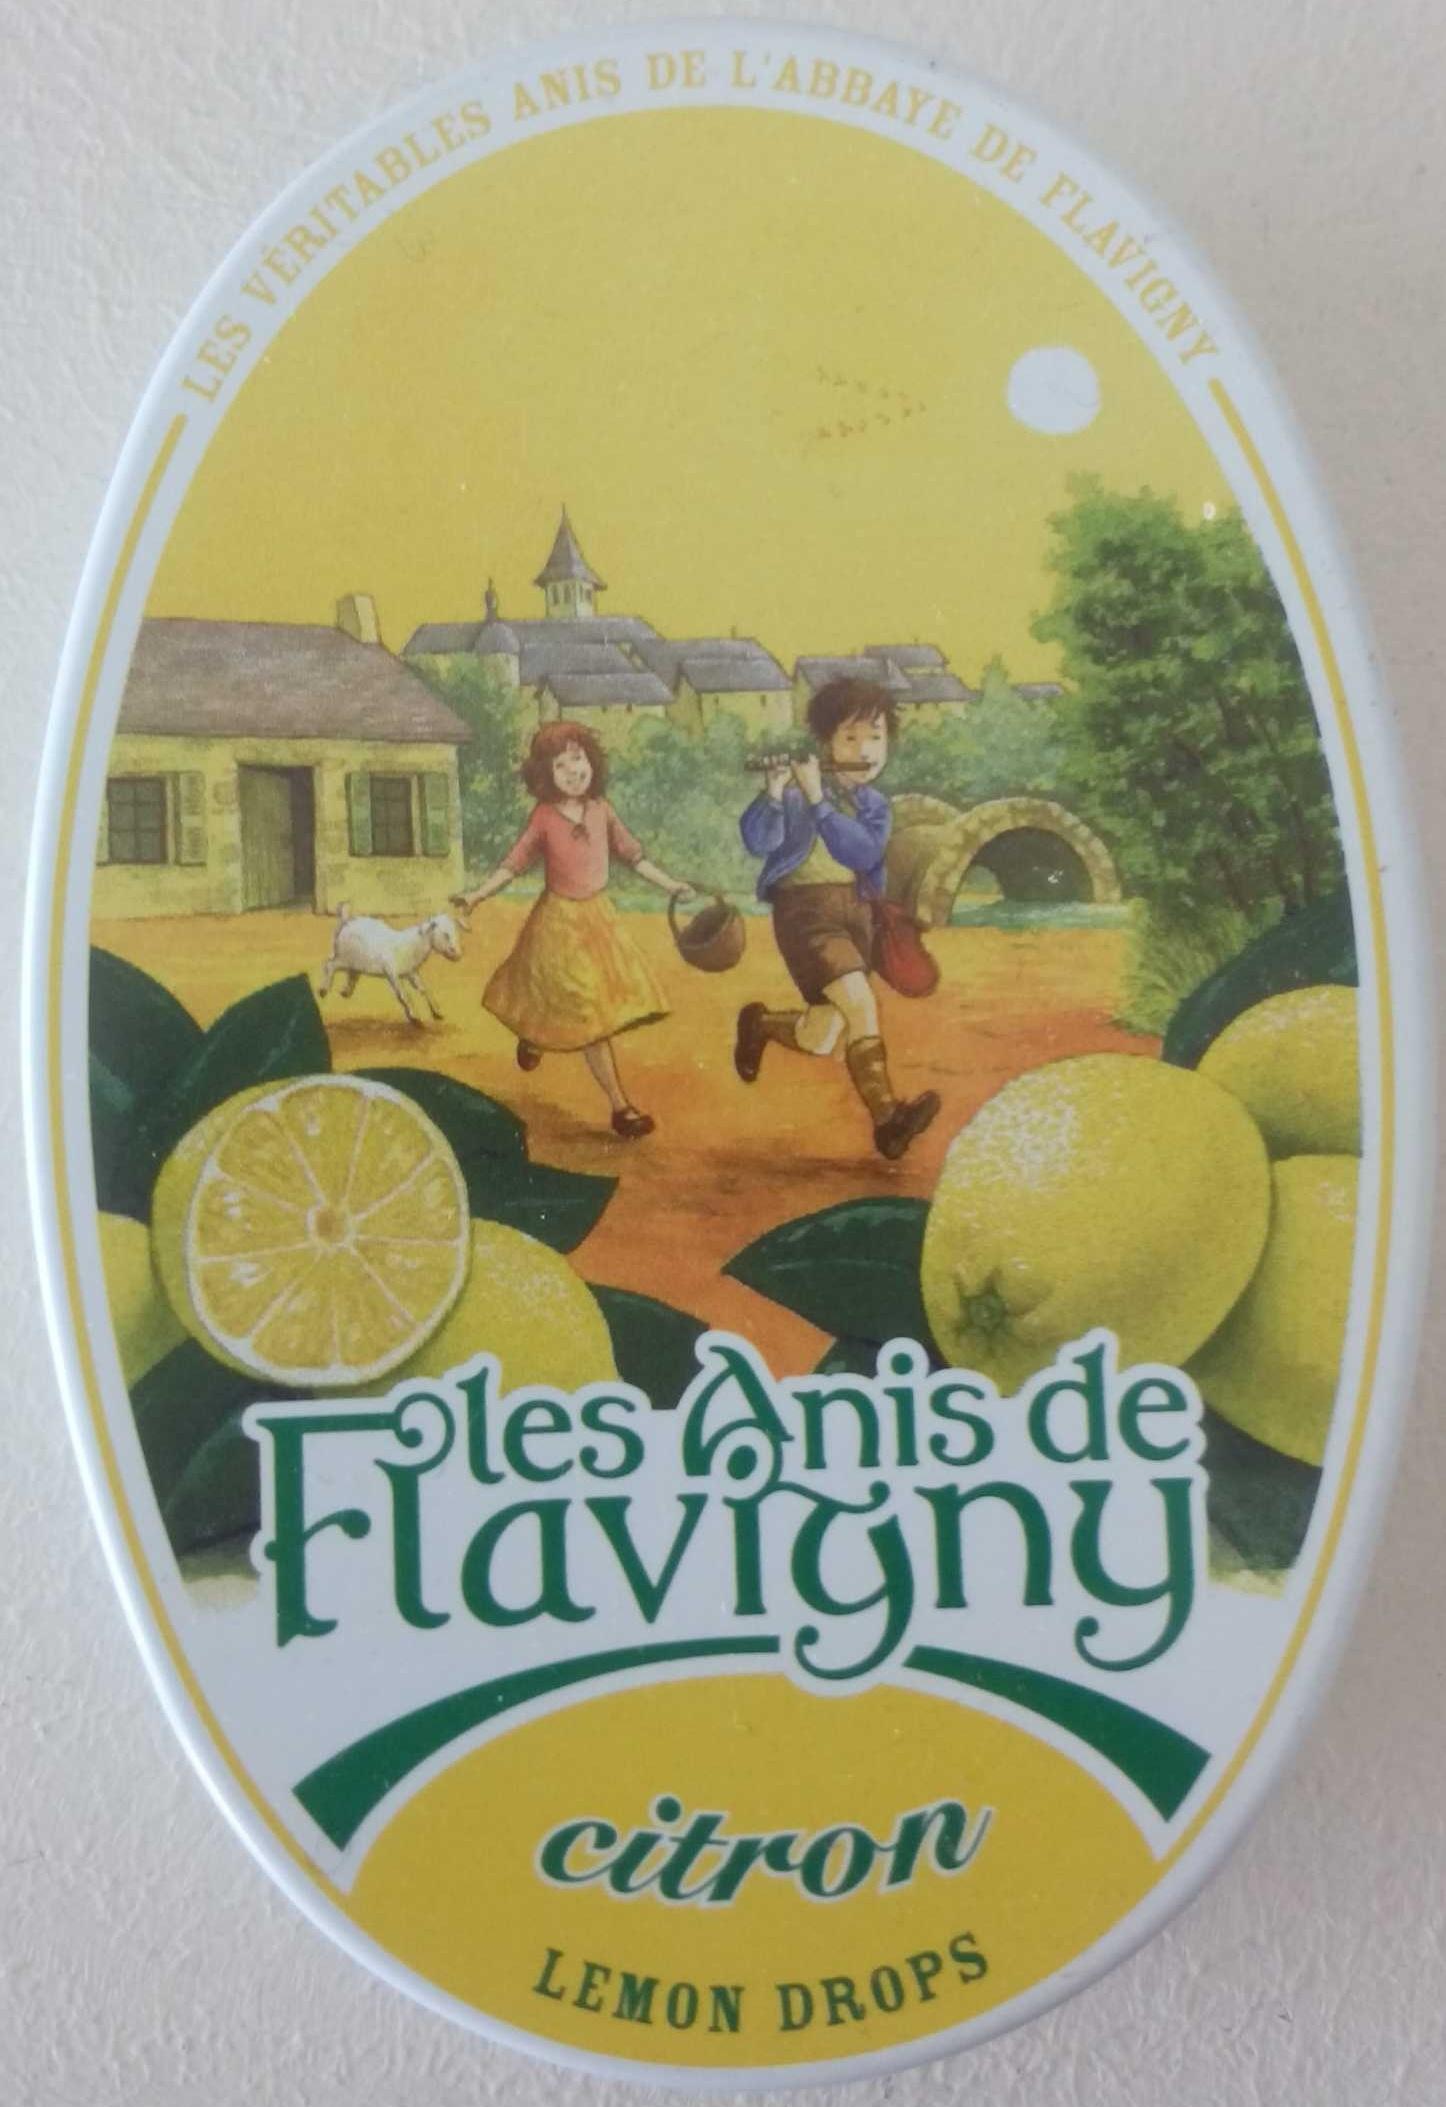 Les Anis de Flavigny Citron - Product - fr